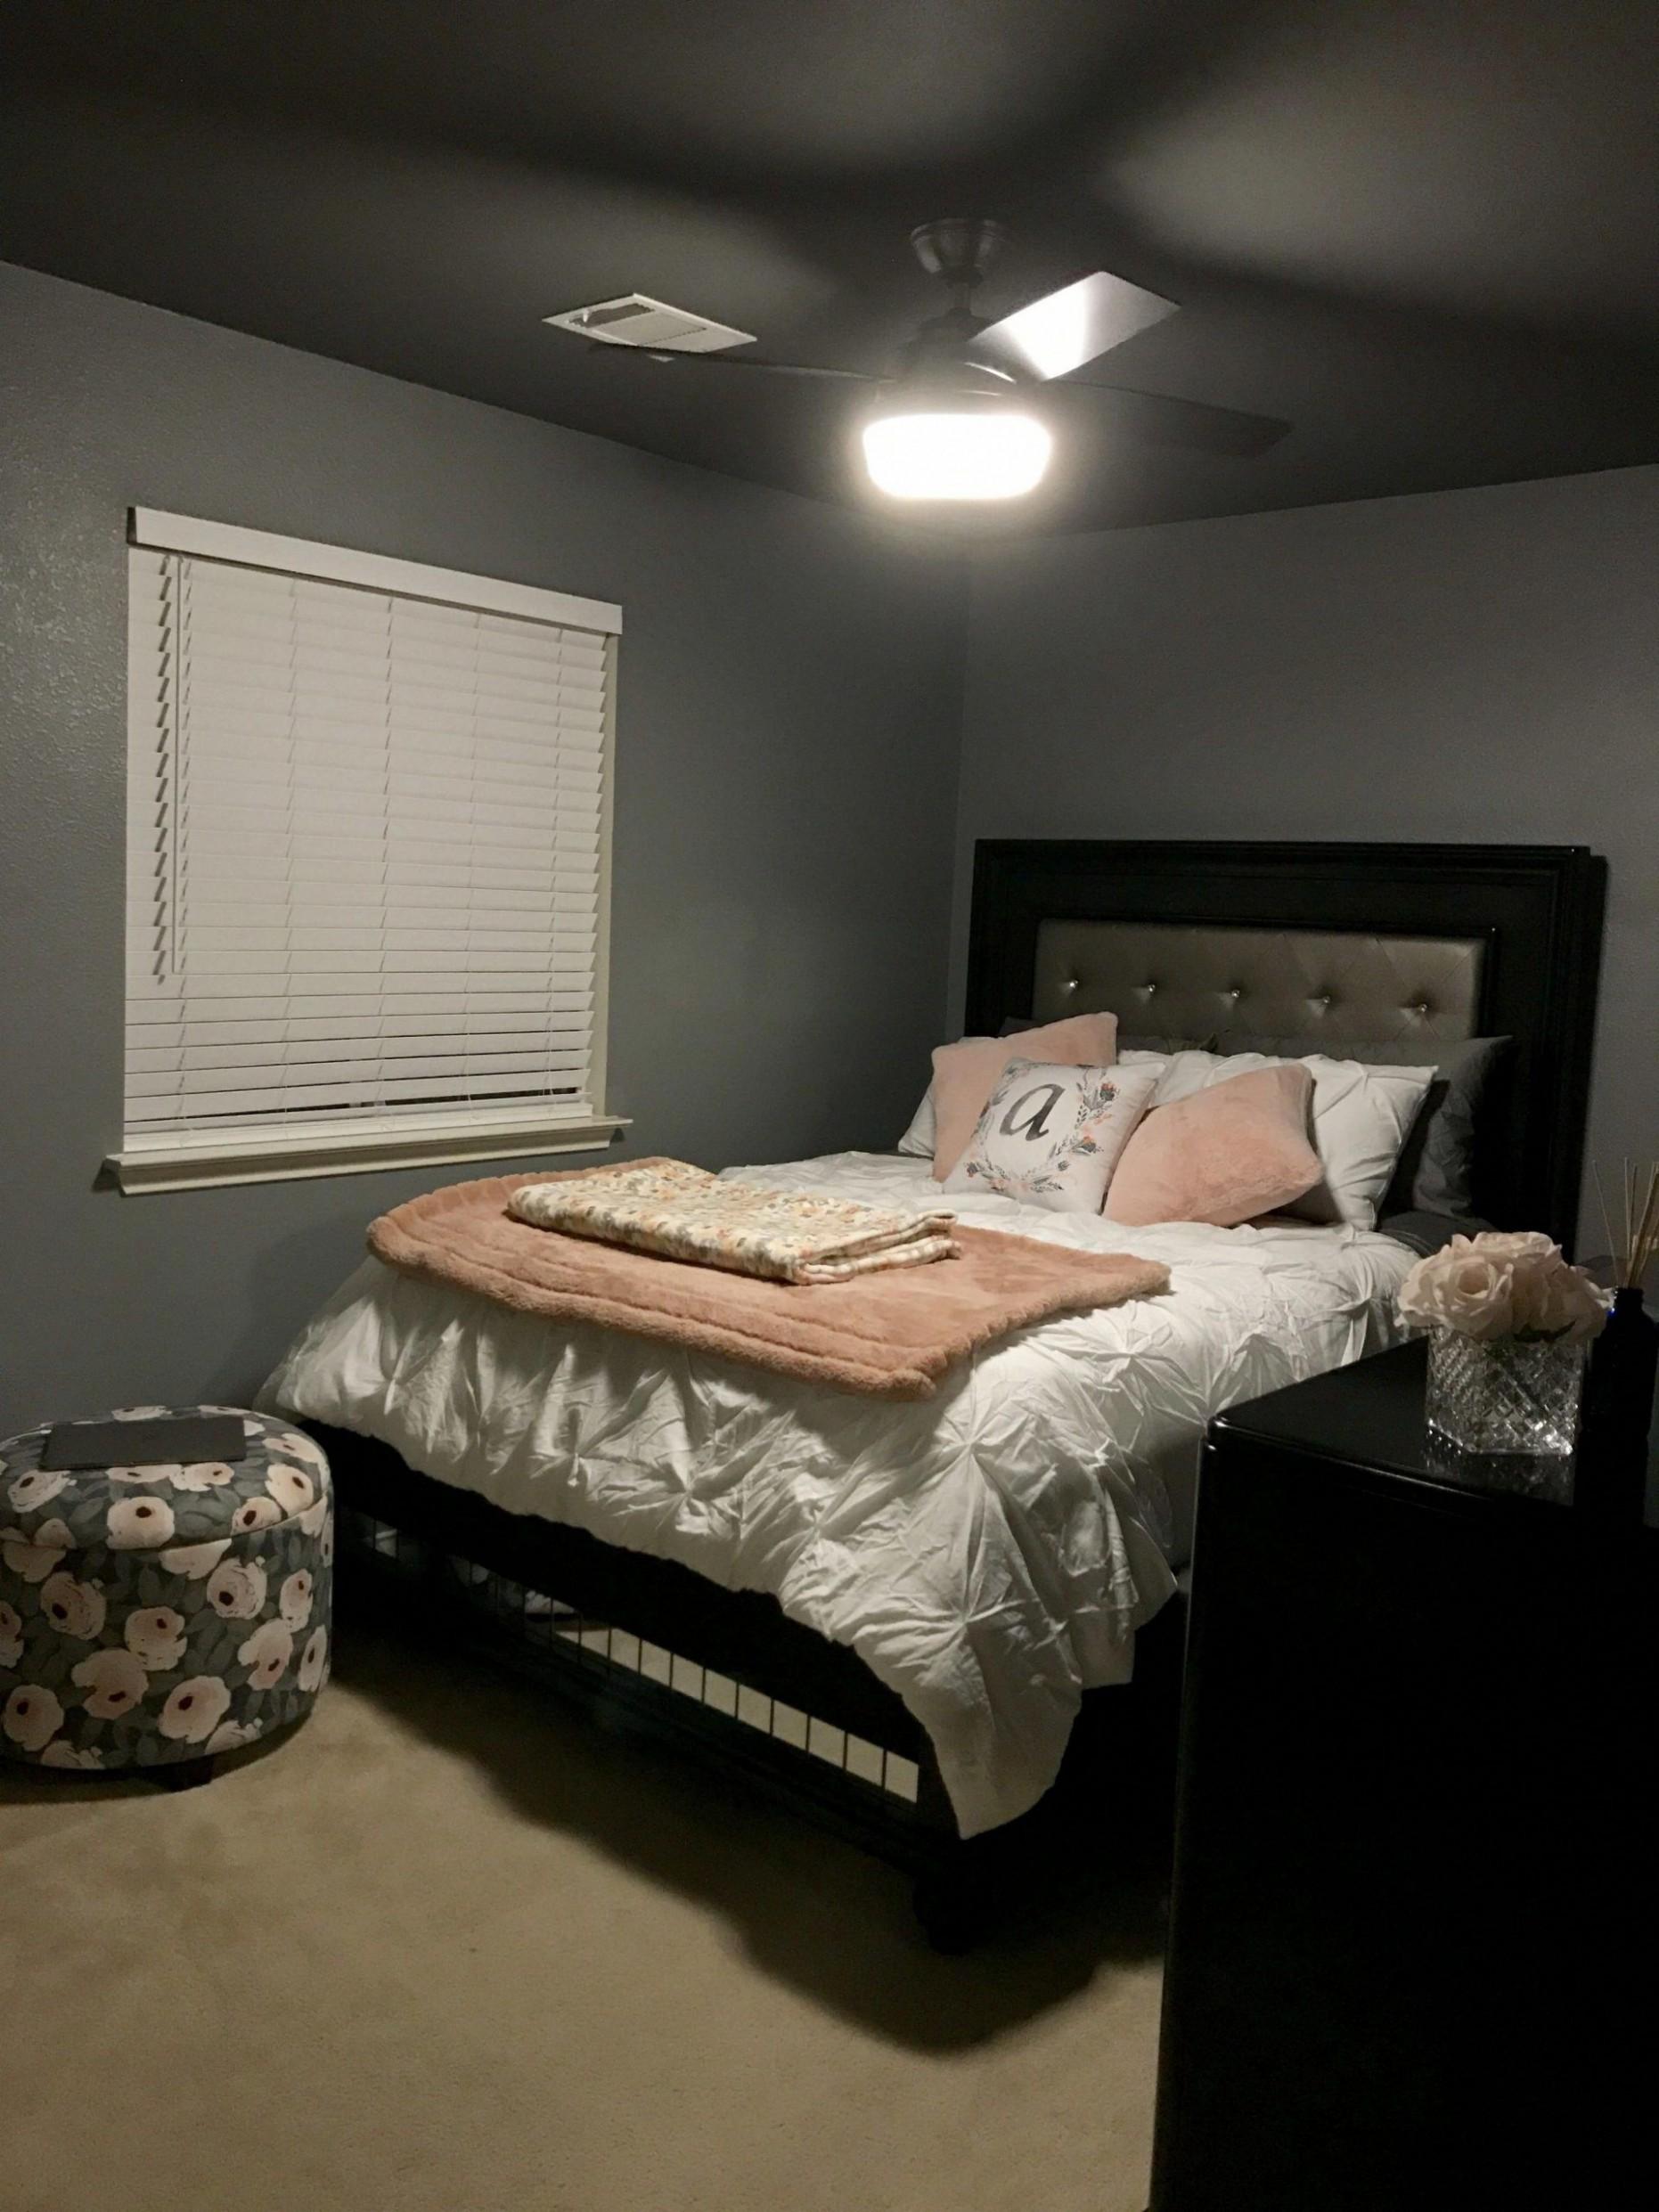 bedroom decor kenya #8s bedroom decor #bedroom decor hipster  - Bedroom Ideas Kenya